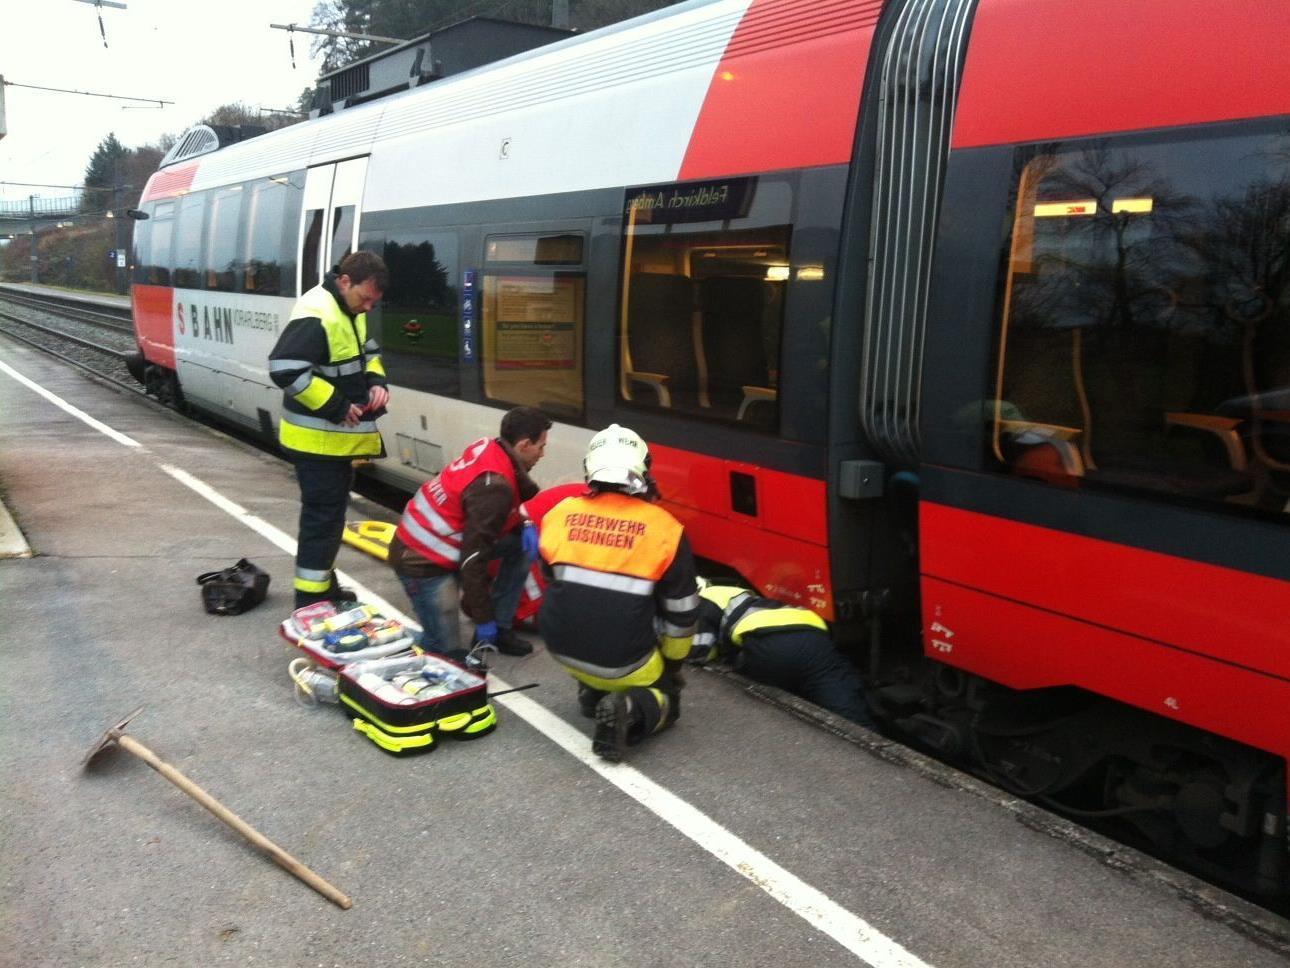 Aus unbekannter Ursache wurde eine Frau zwischen einem Zug und dem Bahnsteig eingeklemmt.